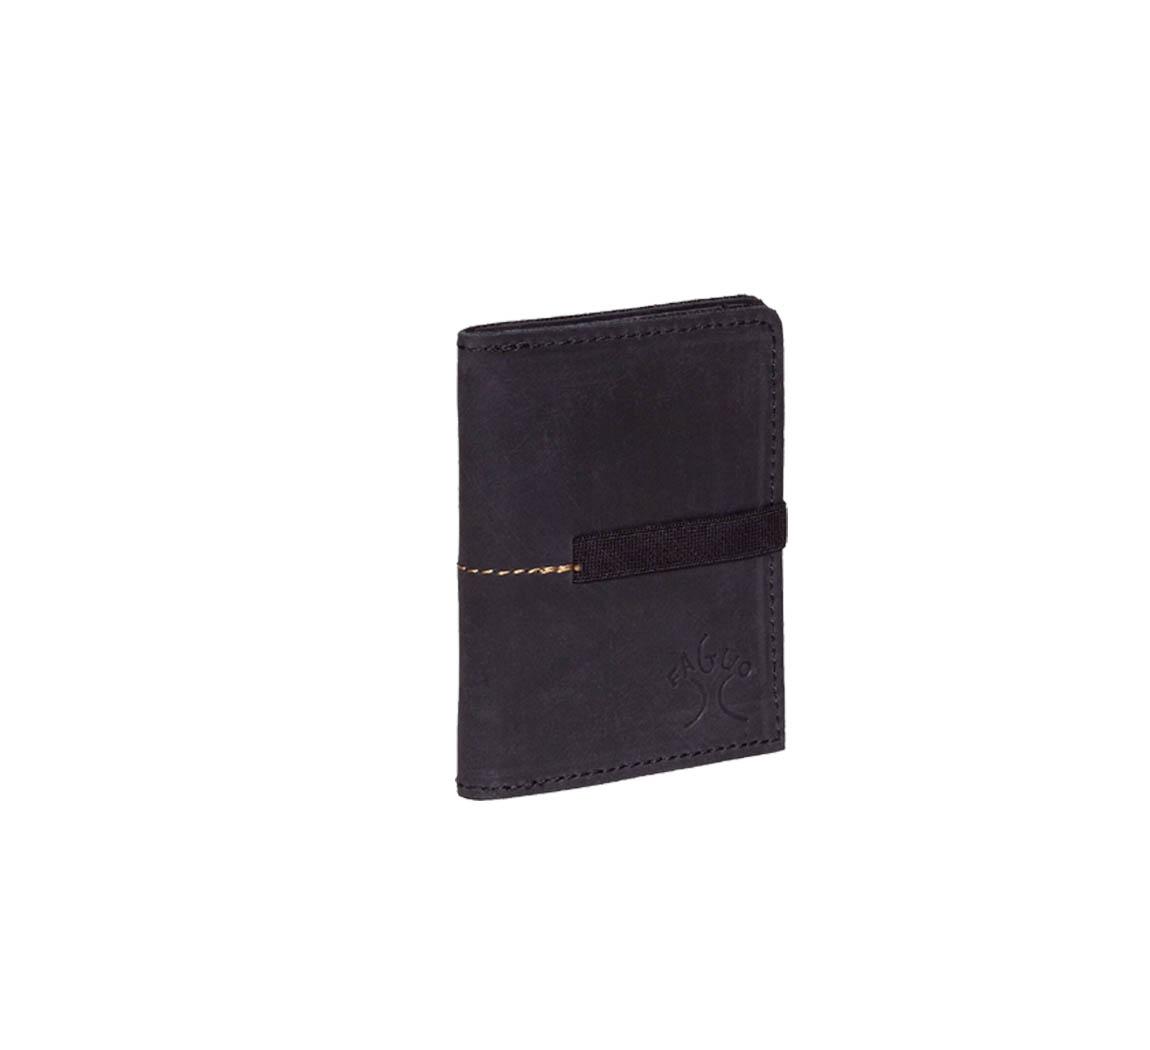 Porte carte faguo homme wallet 365 wallet 365 e for Porte carte homme